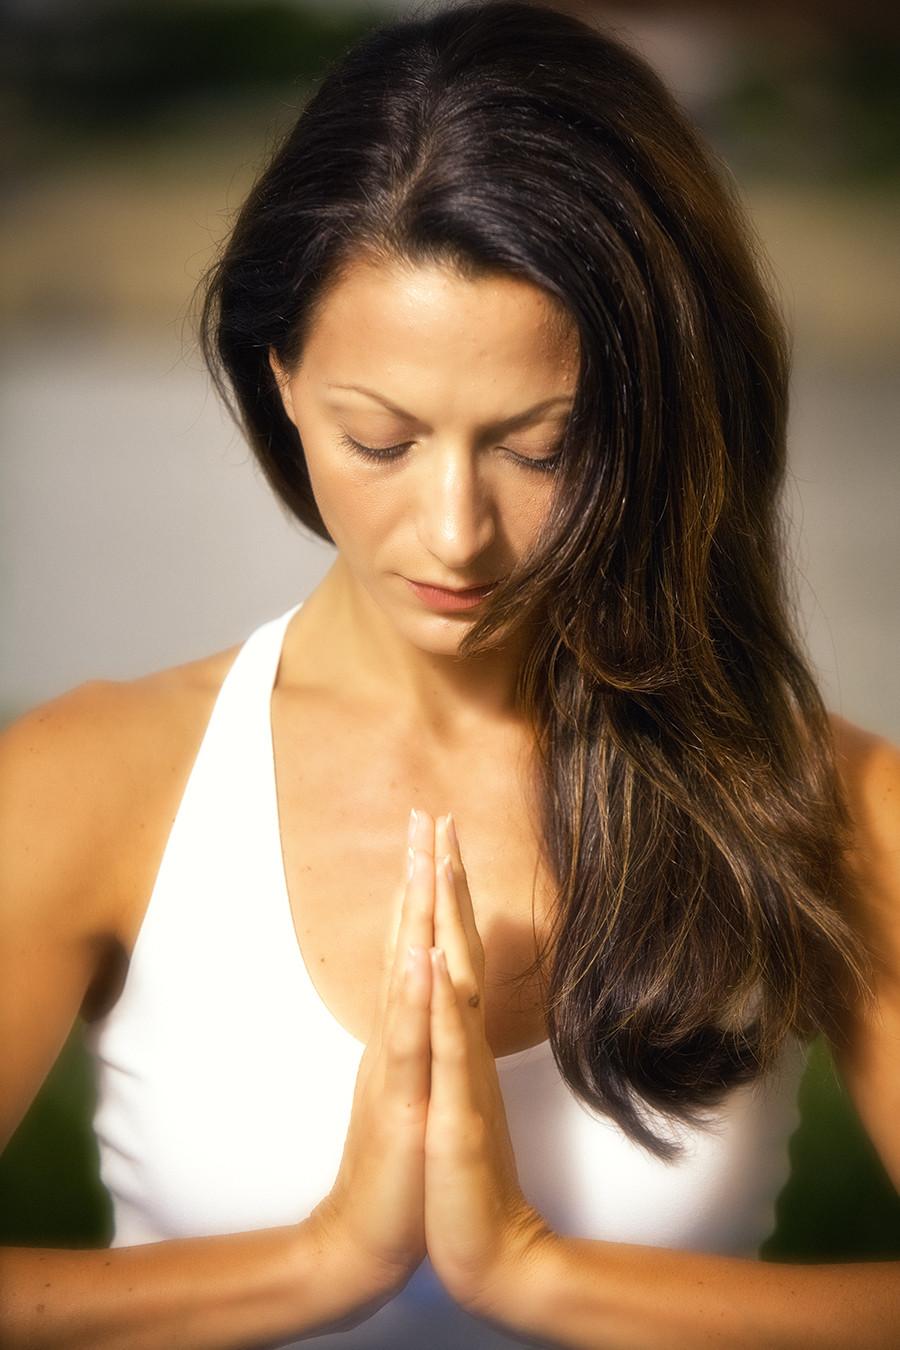 Ý nghĩa lời chào Namaste trong Yoga | Kiến thức Yoga